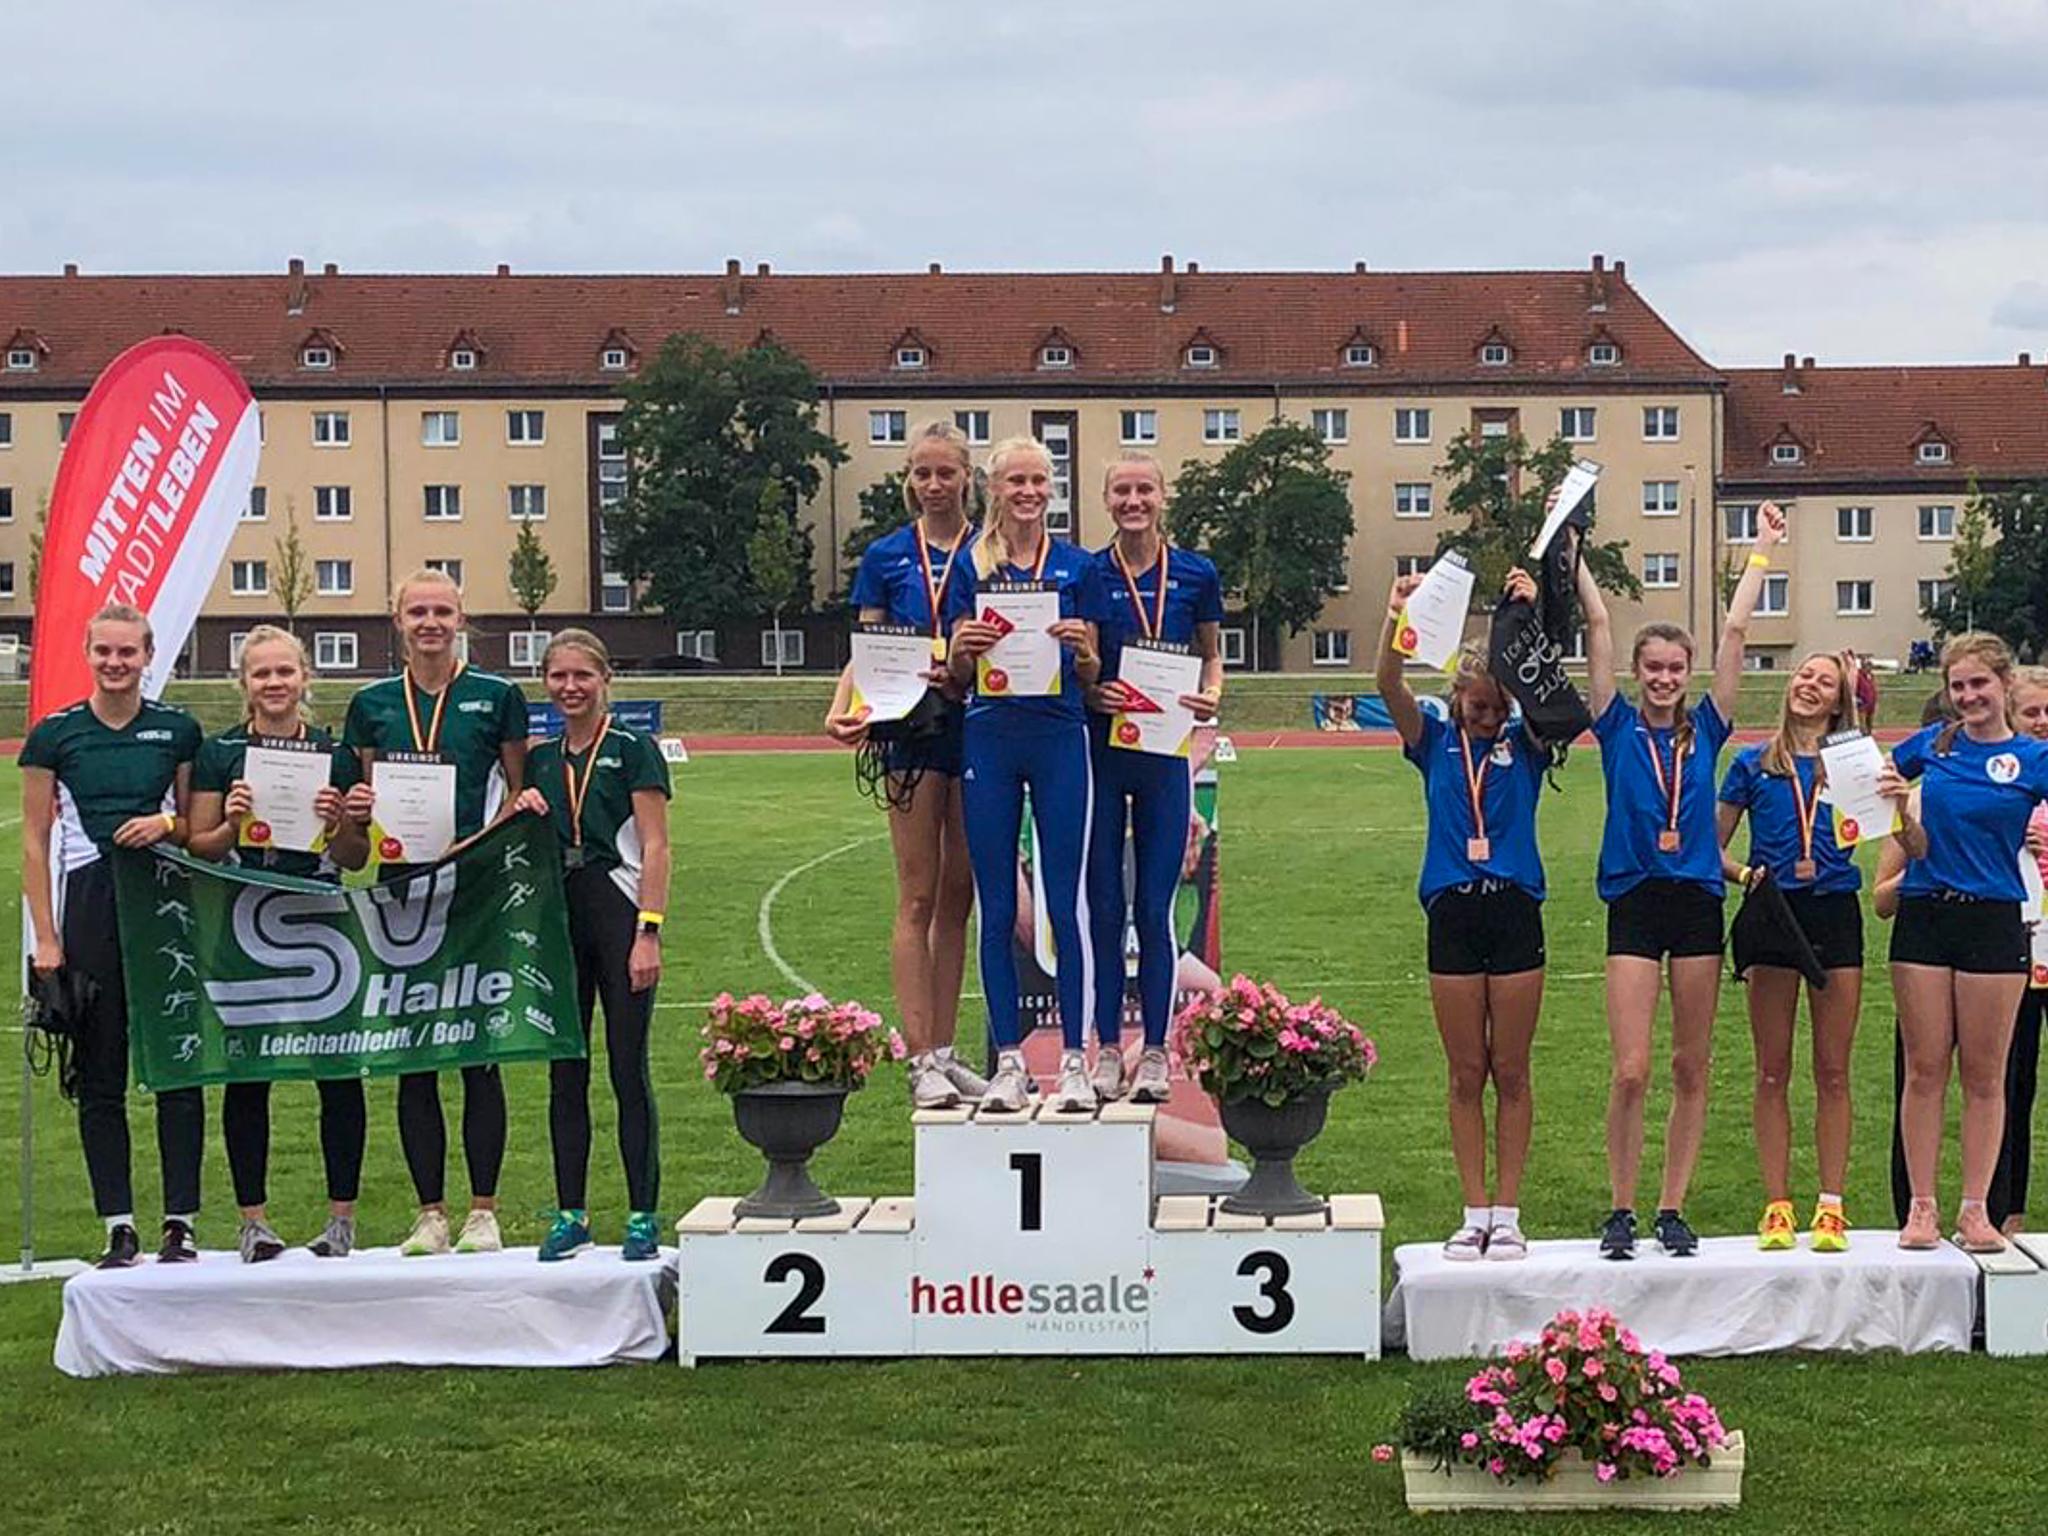 2020-08-29_DM-Mehrkampf-U16 - 20200830-DM-Mehrkampf-U16-Mannschaft